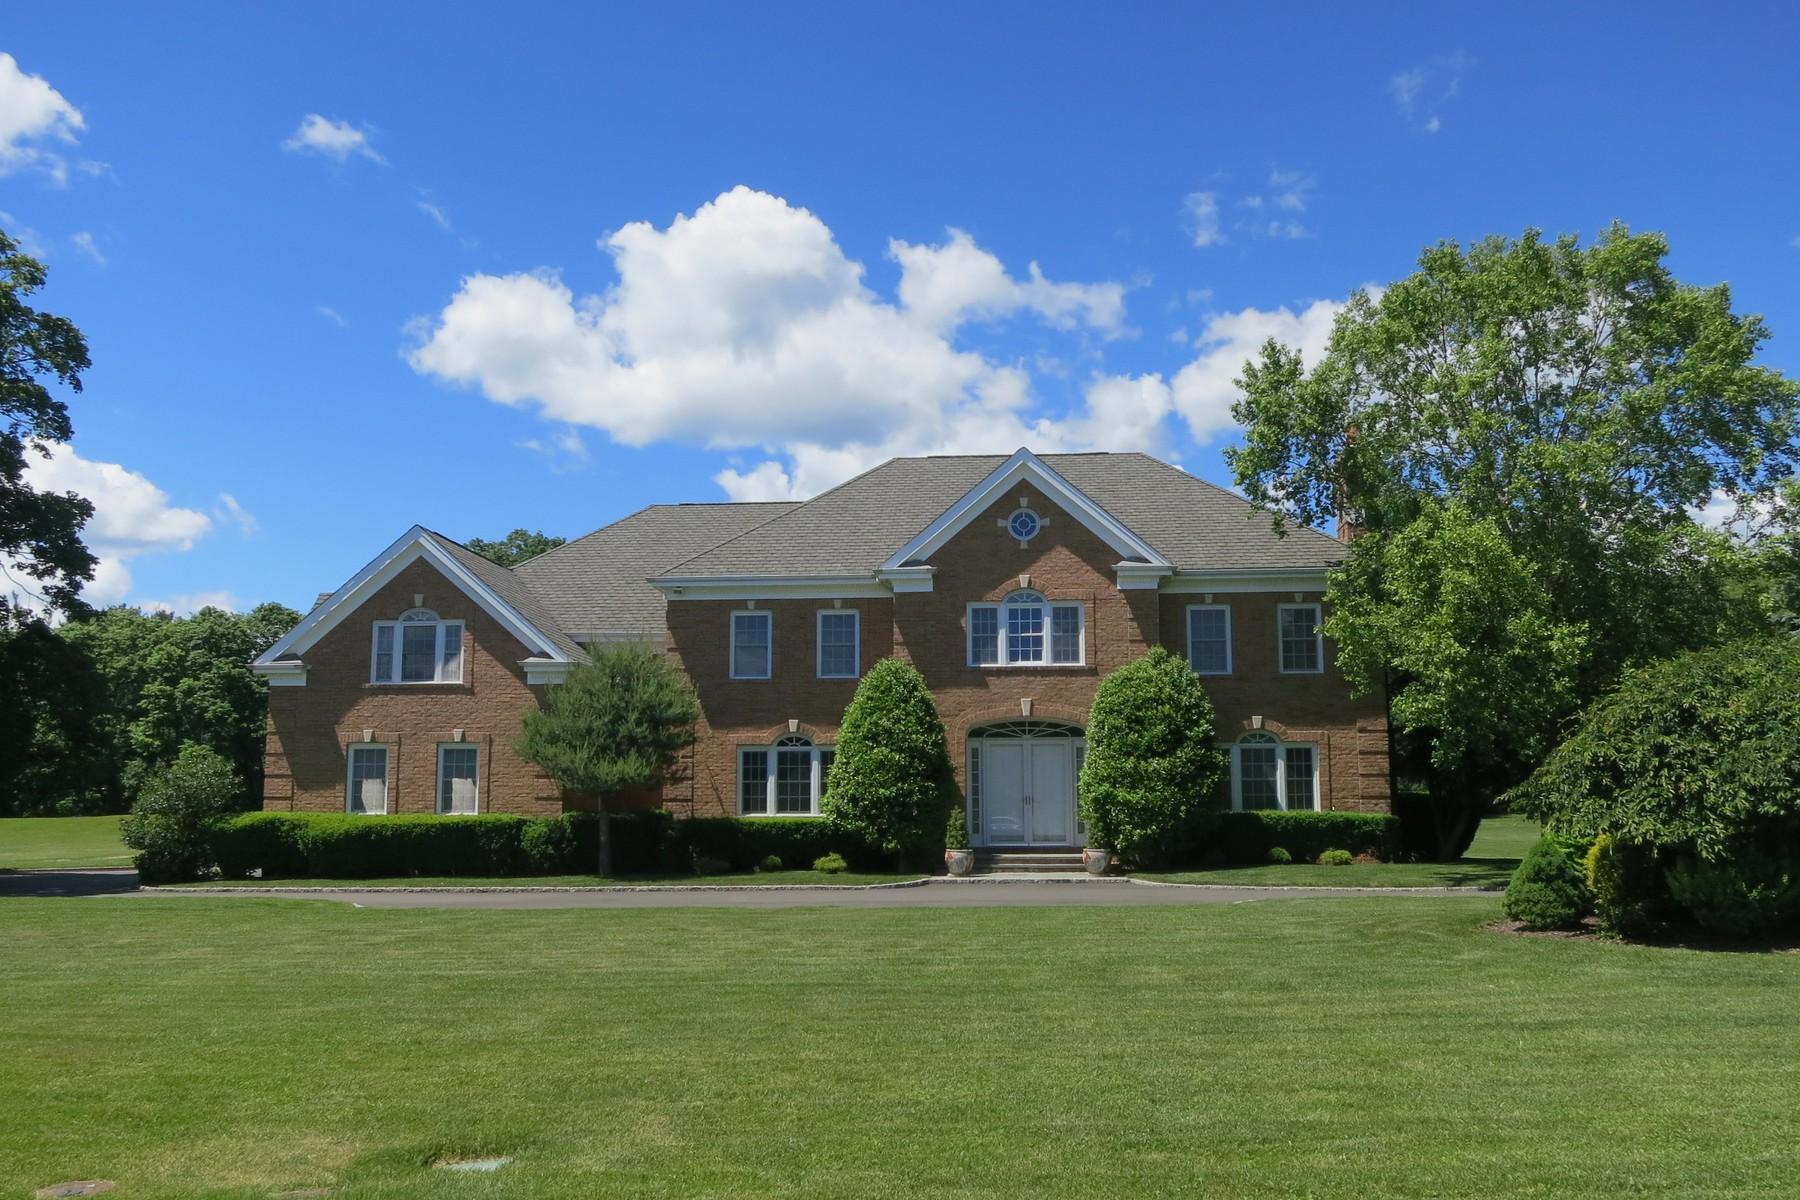 Villa per Vendita alle ore North Shore Gold Coast Colonial Muttontown, New York, 11732 Stati Uniti